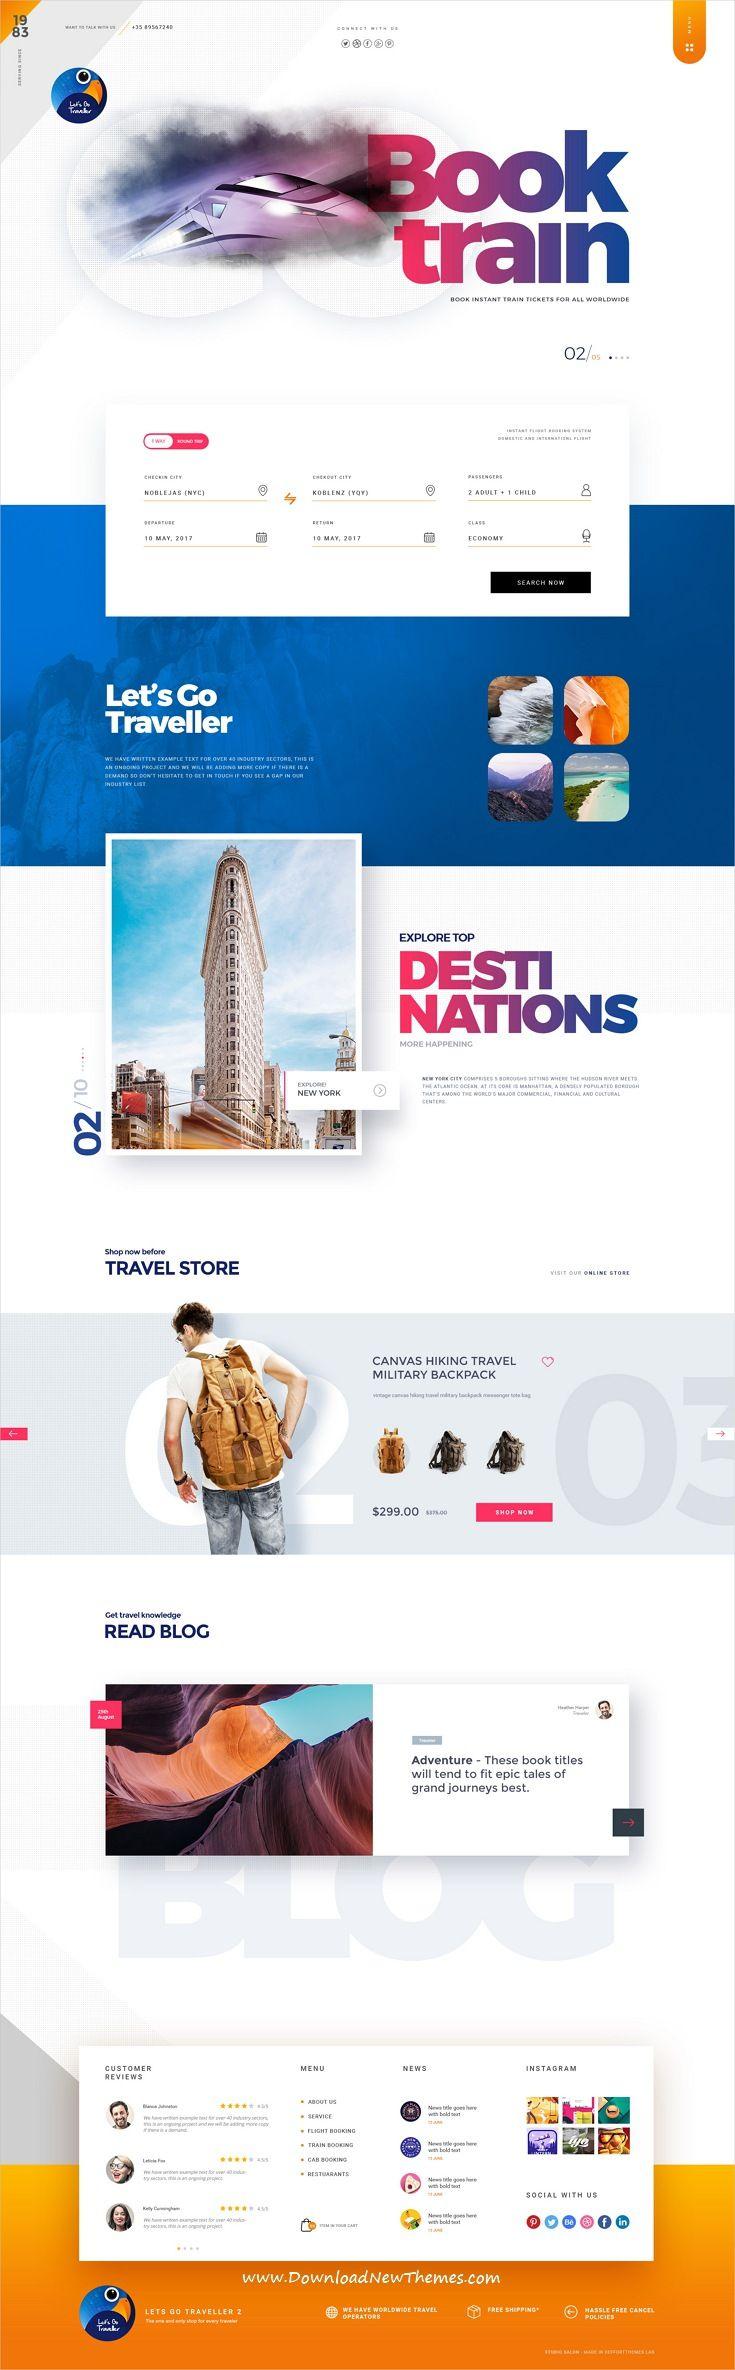 best booking images on pinterest website designs design